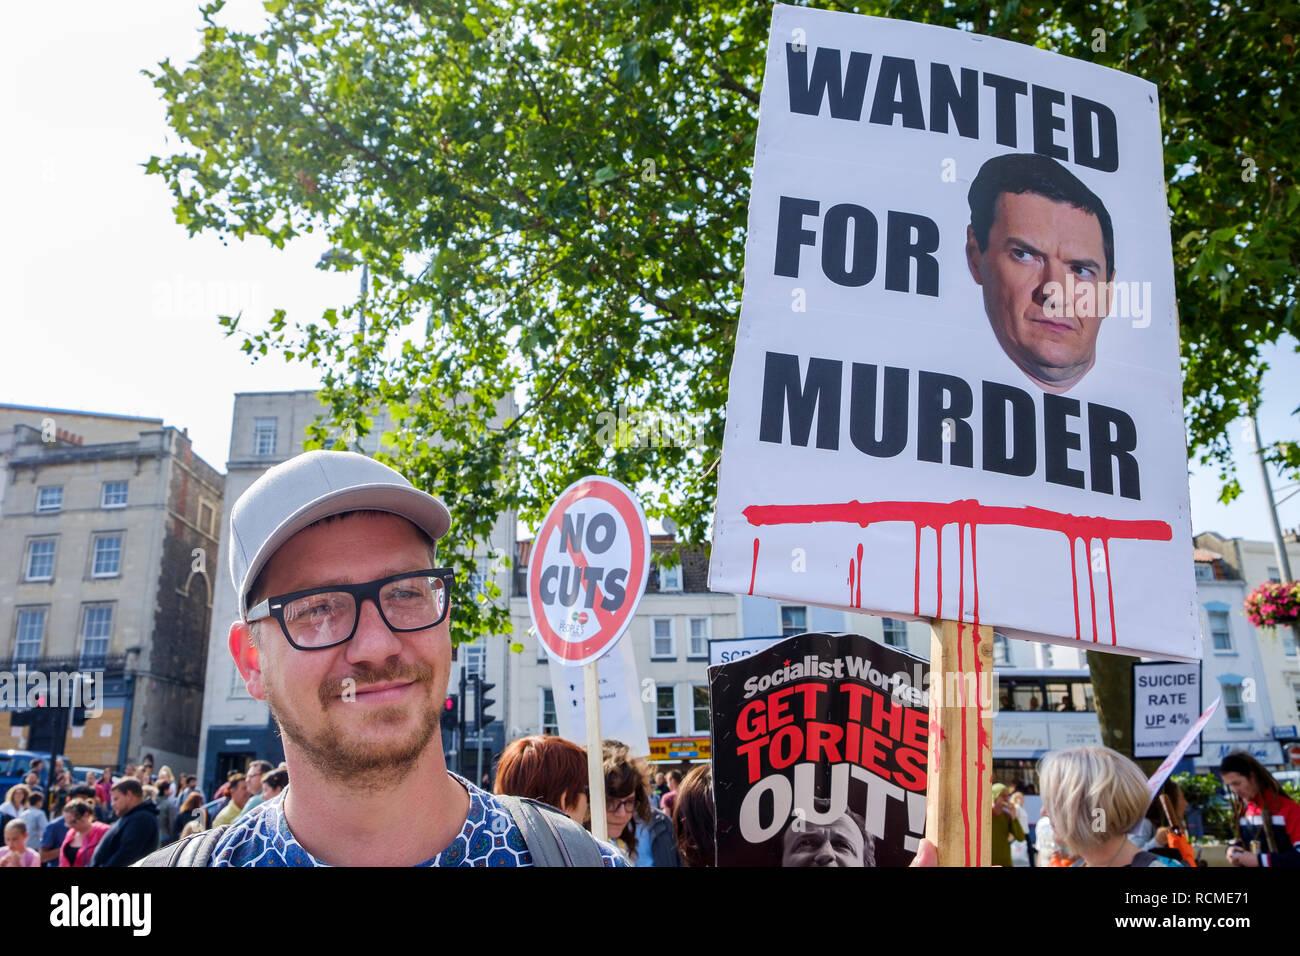 Bristol, UK. 08. Juli 2015. Eine Demonstrantin wird dargestellt, Durchführung einer Anti Sparmaßnahmen Plakat während eines gegen Sparmaßnahmen protestiert in Bristol. Stockbild